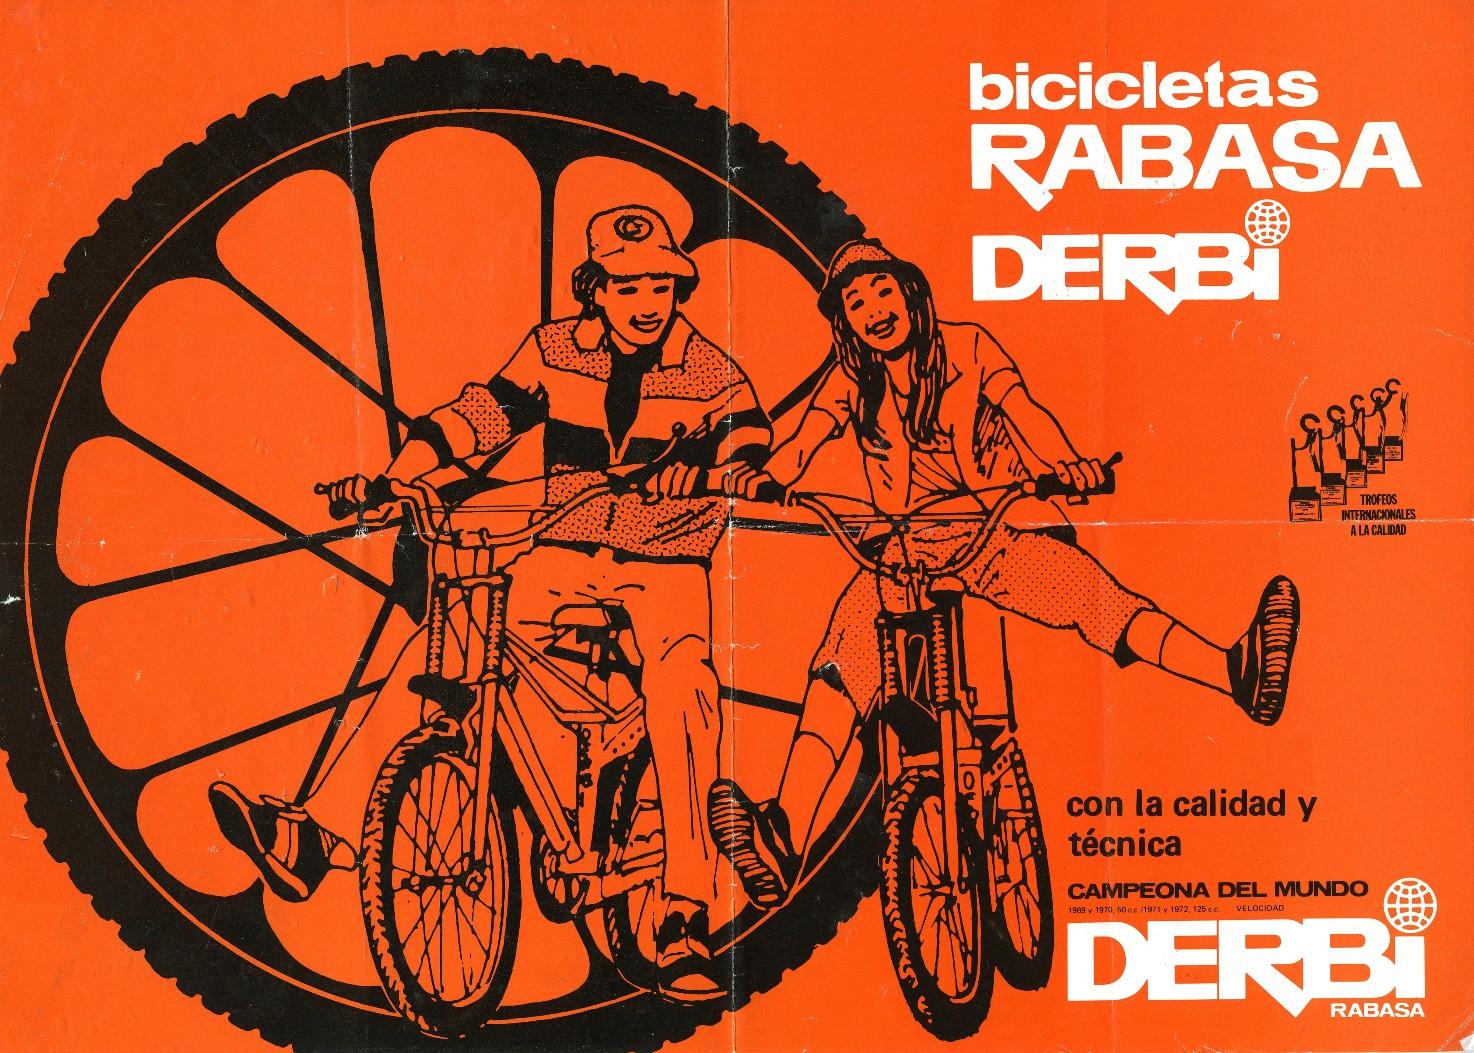 Catalogo Rabasa Derbi Copia+de+fulla+rabasa+derbi001